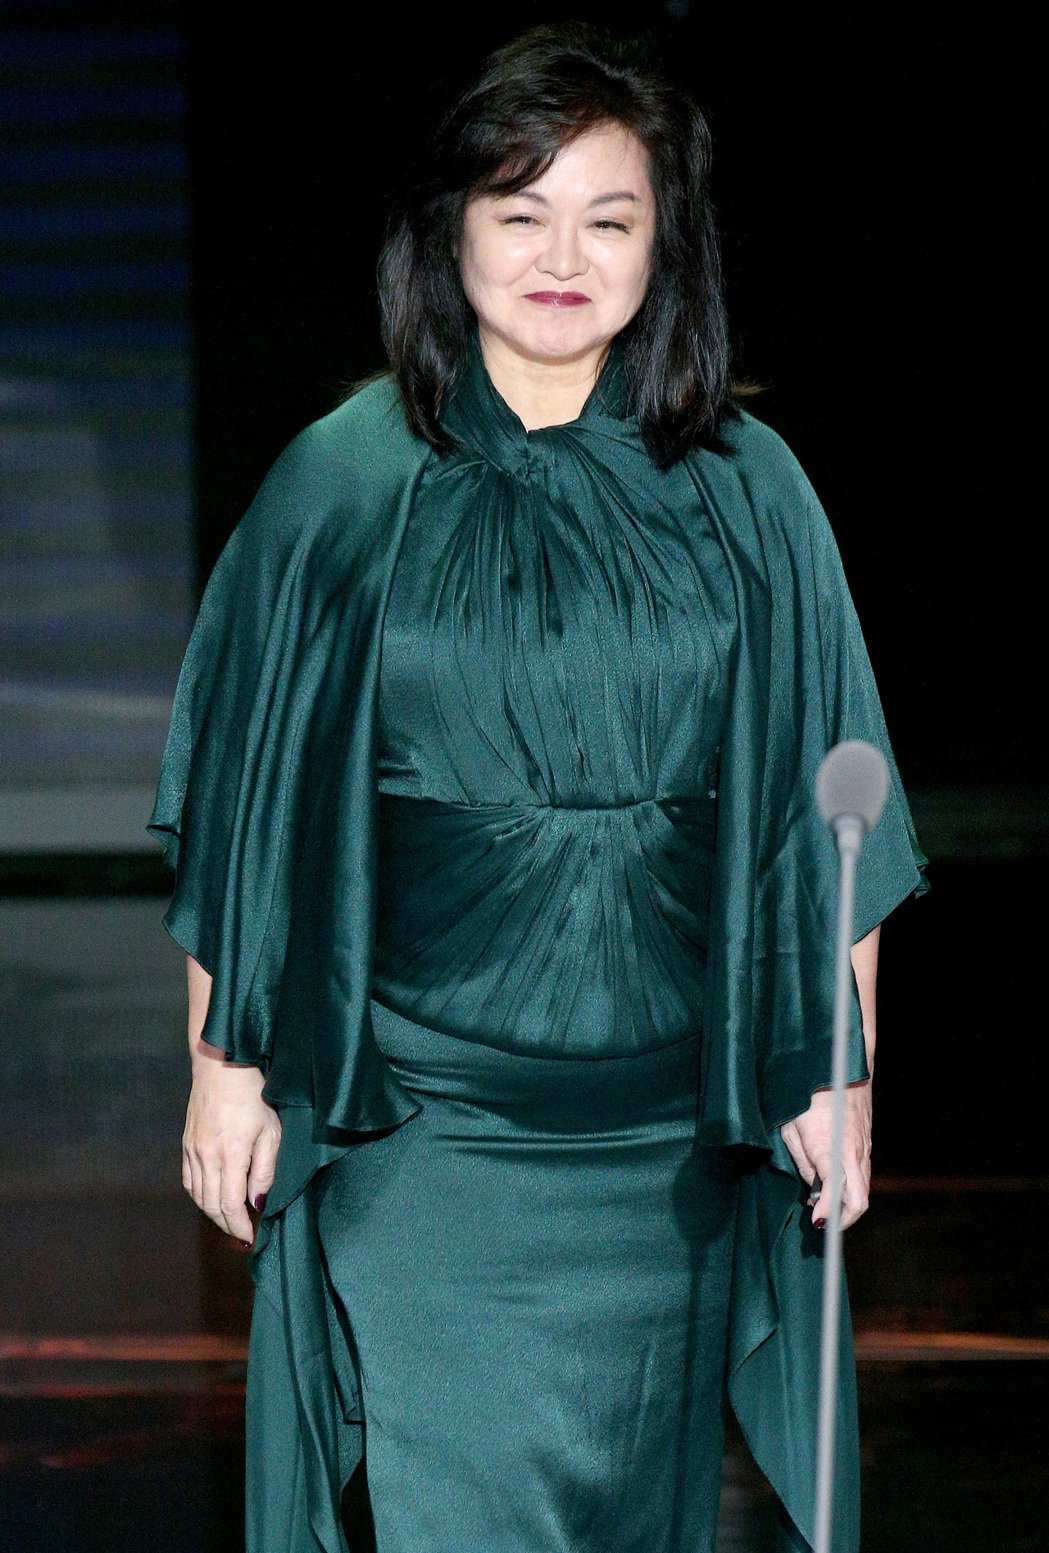 第52屆金鐘獎頒獎典禮在國父紀念館舉行,崔苔菁頒發特殊貢獻獎。記者林伯東/攝影